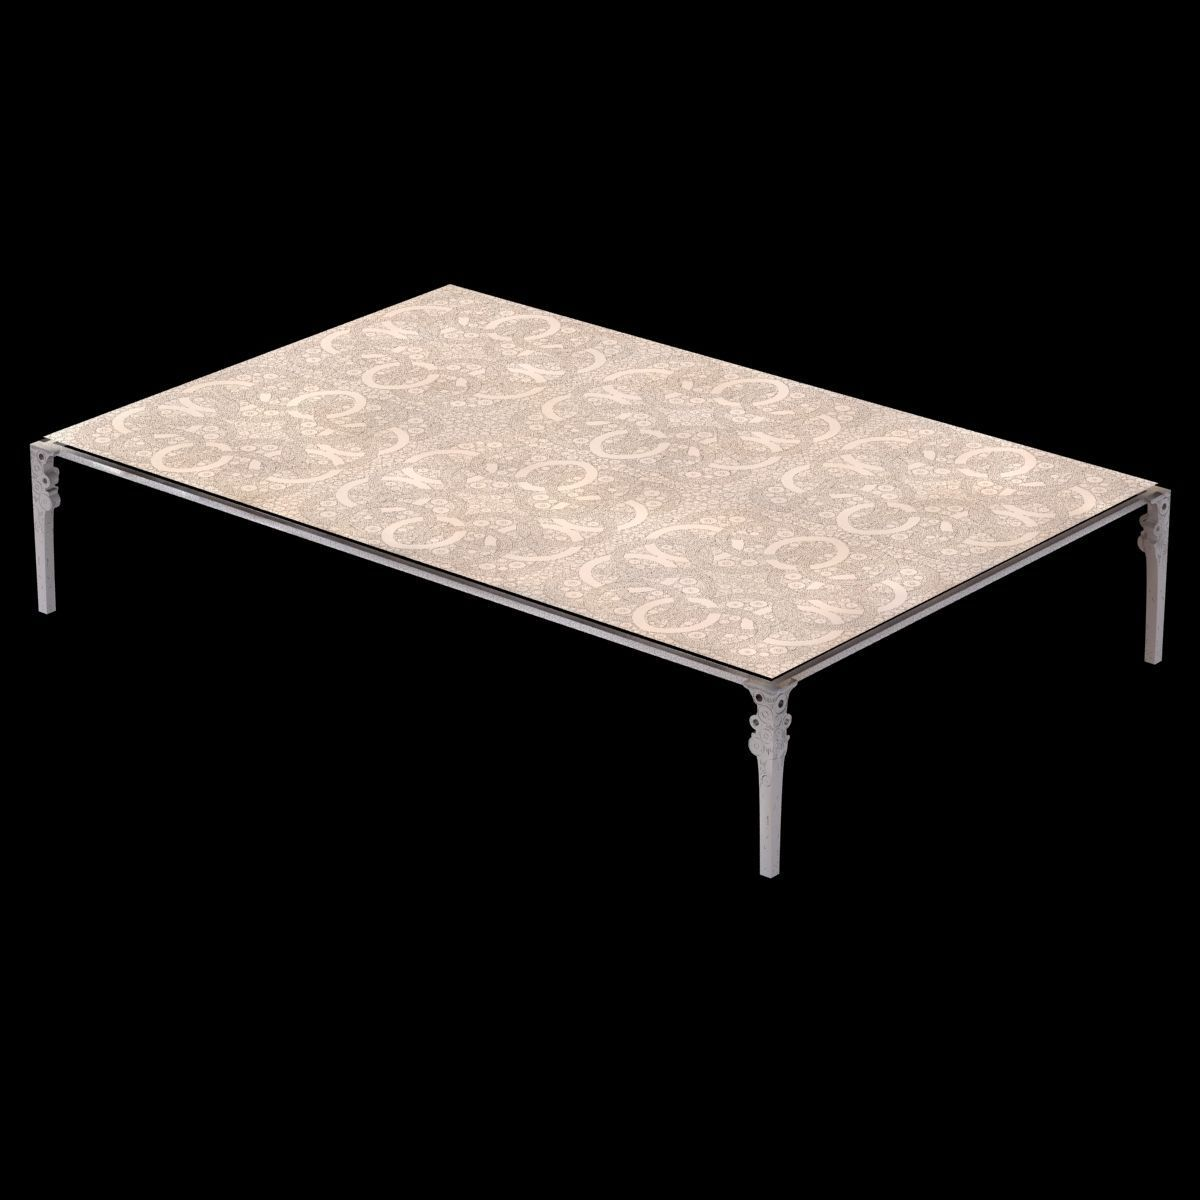 Ingrid donat table basse anneaux 3d model max obj 3ds - Tables basses carrees ...